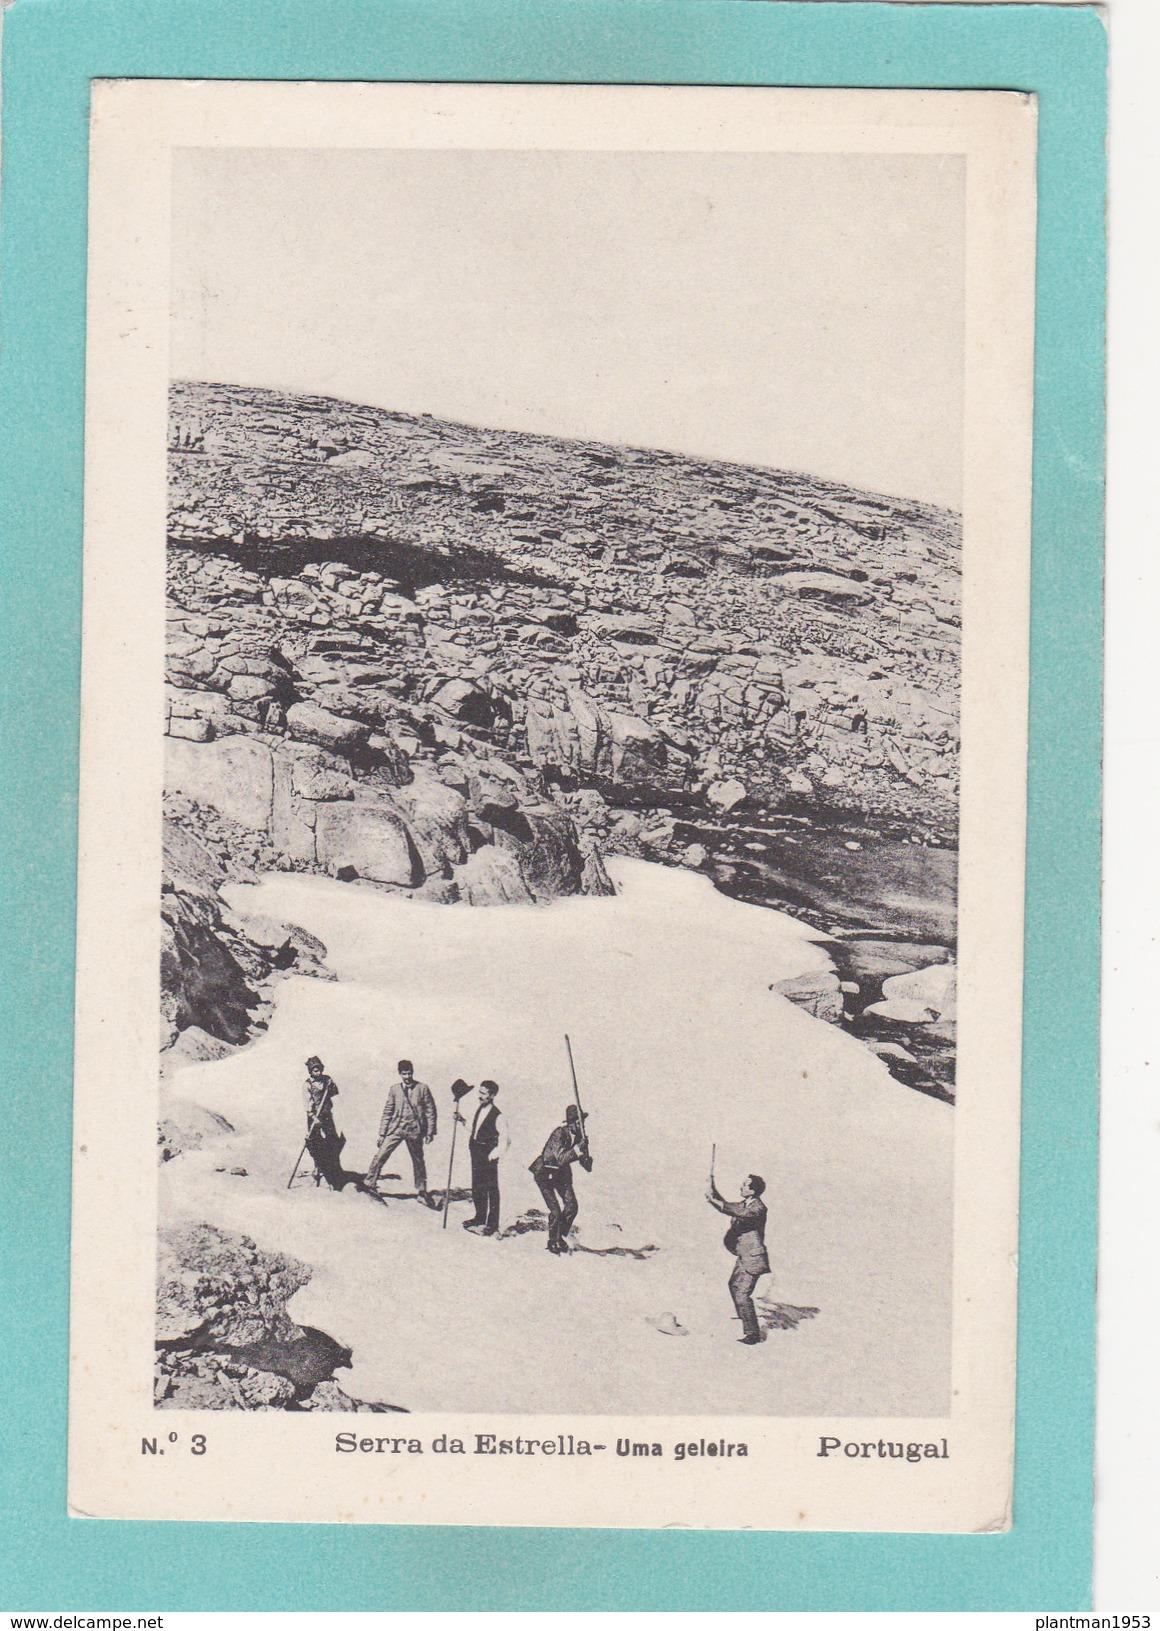 Old Postcard Of Serra Da Estrela, National Park,Portugal..V17. - Other